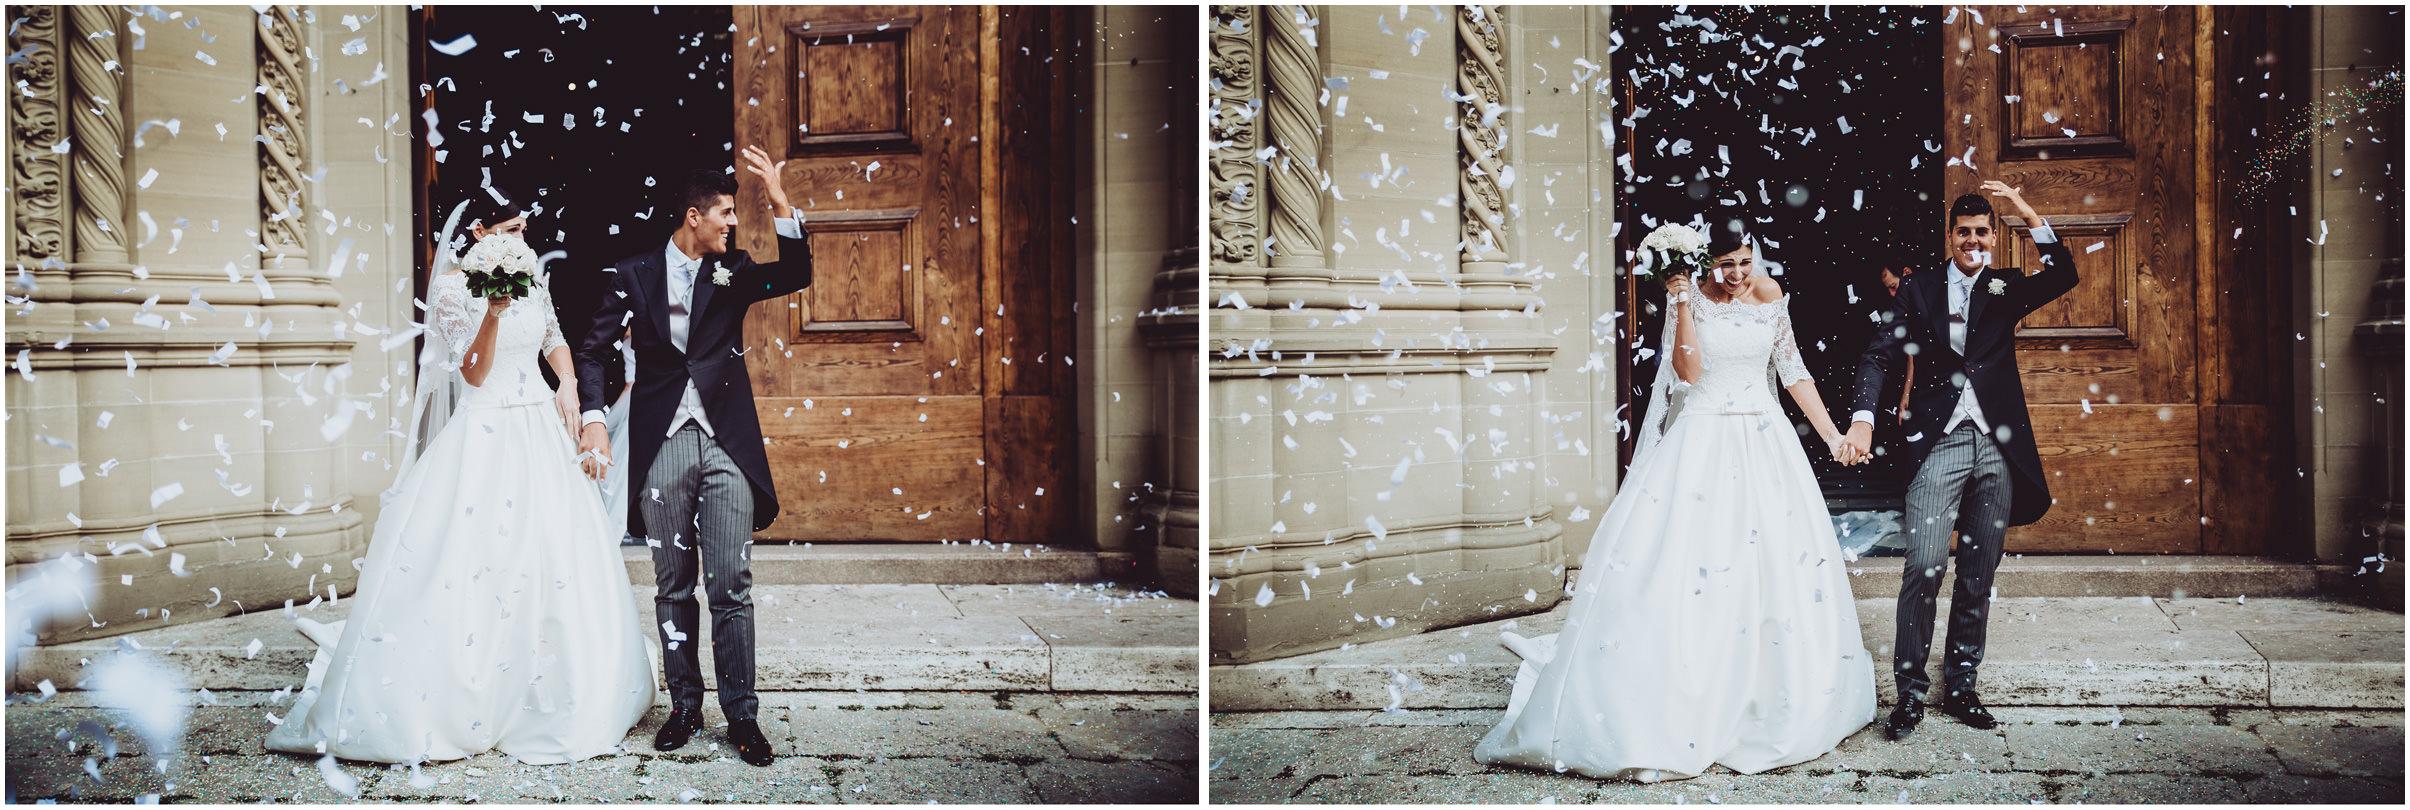 WEDDING-PHOTOGRAPHY-SARA-LORENZONI-FOTOGRAFIA-MATRIMONIO-AREZZO-TUSCANY-EVENTO-LE-SPOSE-DI-GIANNI-ELISA-LUCA026